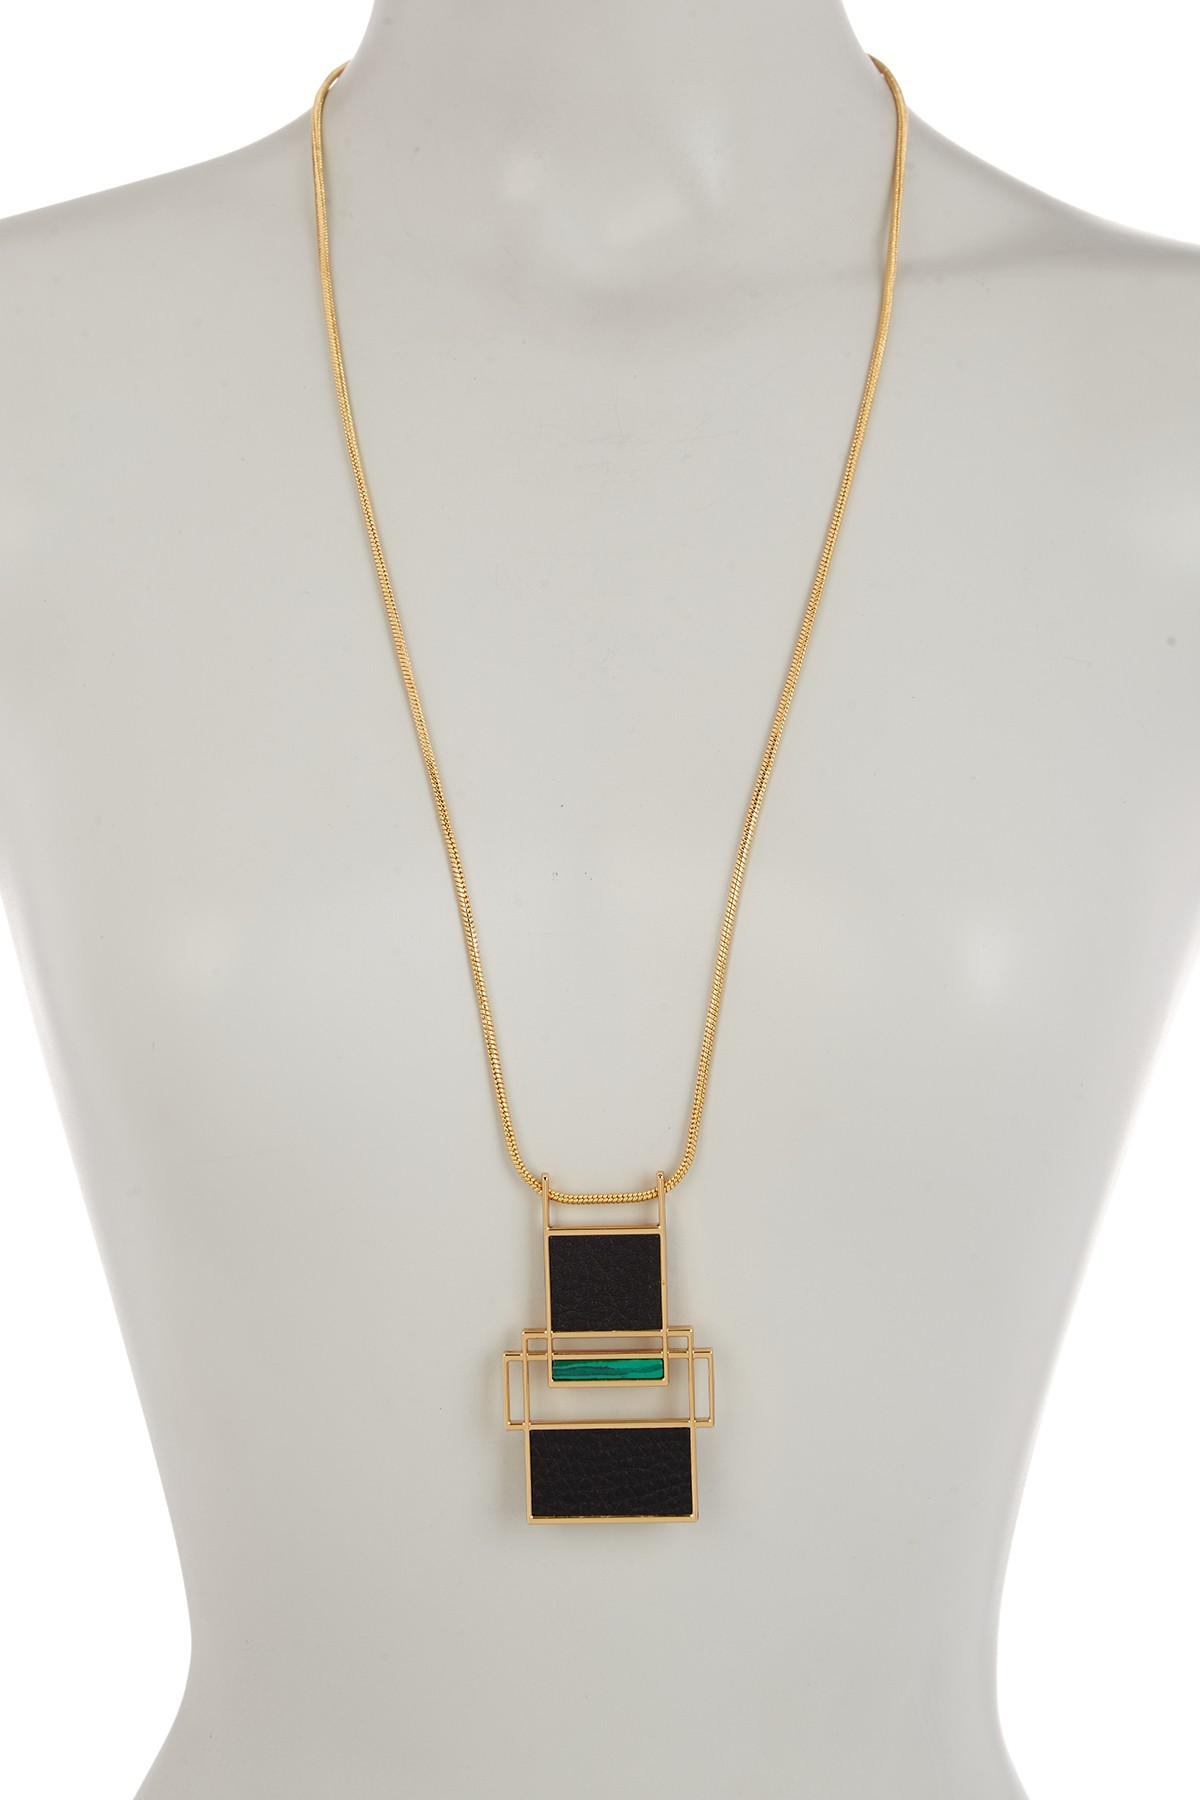 Trina Turk Long Necklace w/ Green Malachite mECUGB